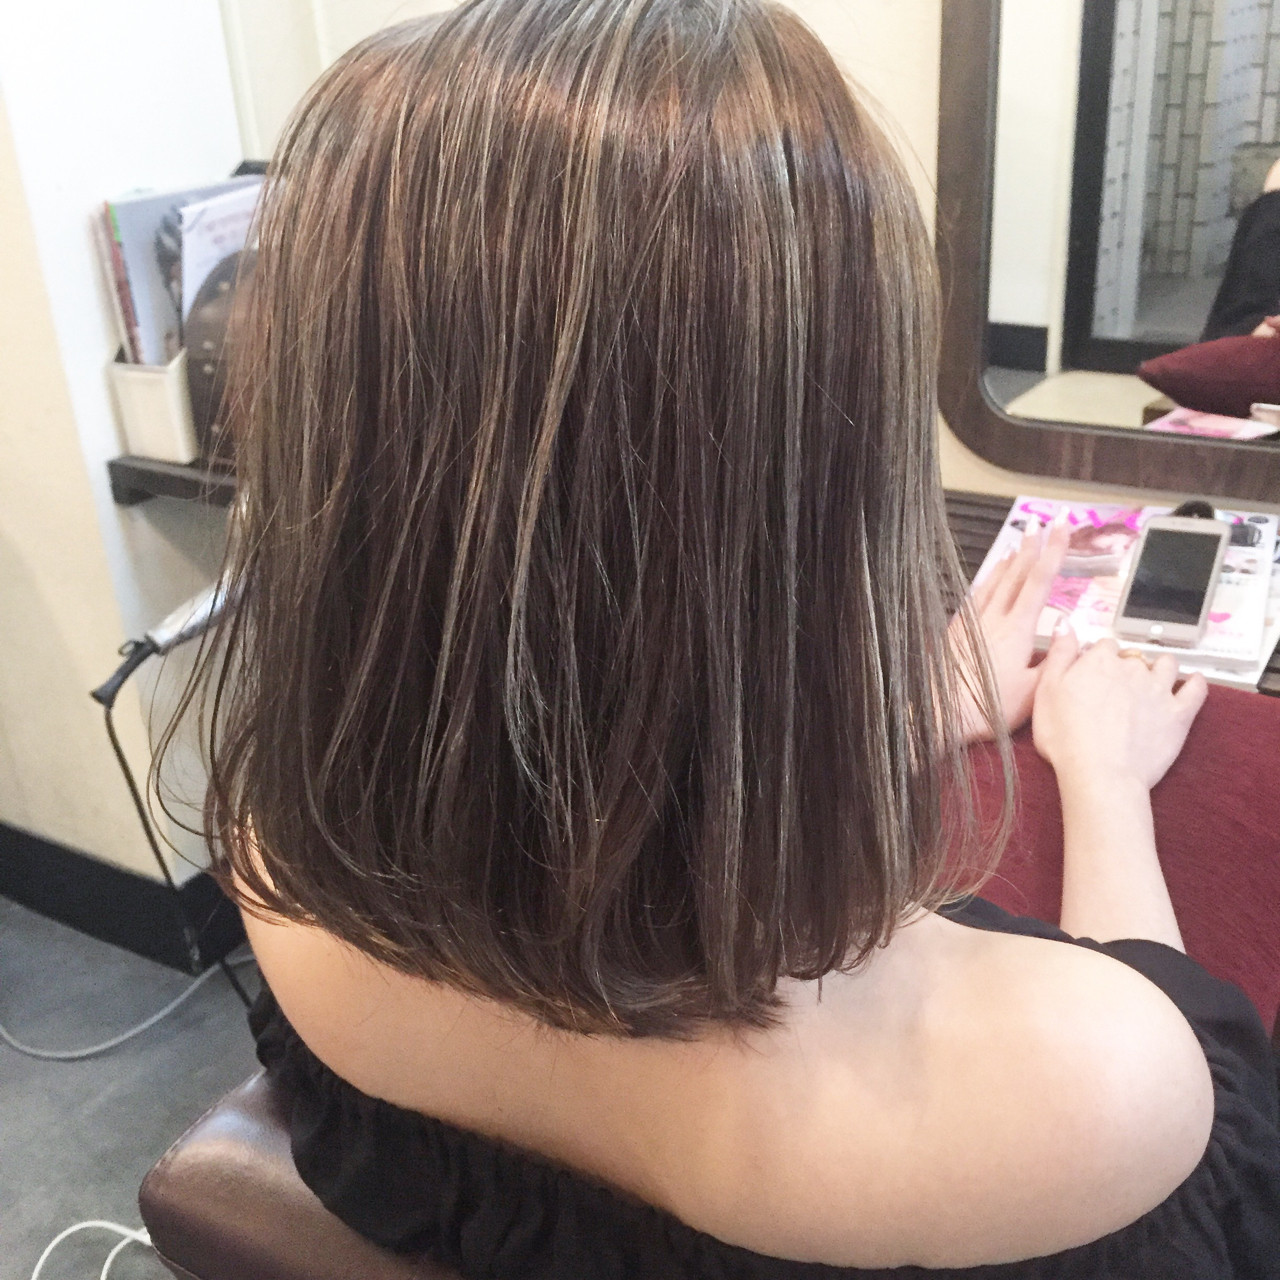 ハイライト 黒髪 外国人風カラー ナチュラル ヘアスタイルや髪型の写真・画像